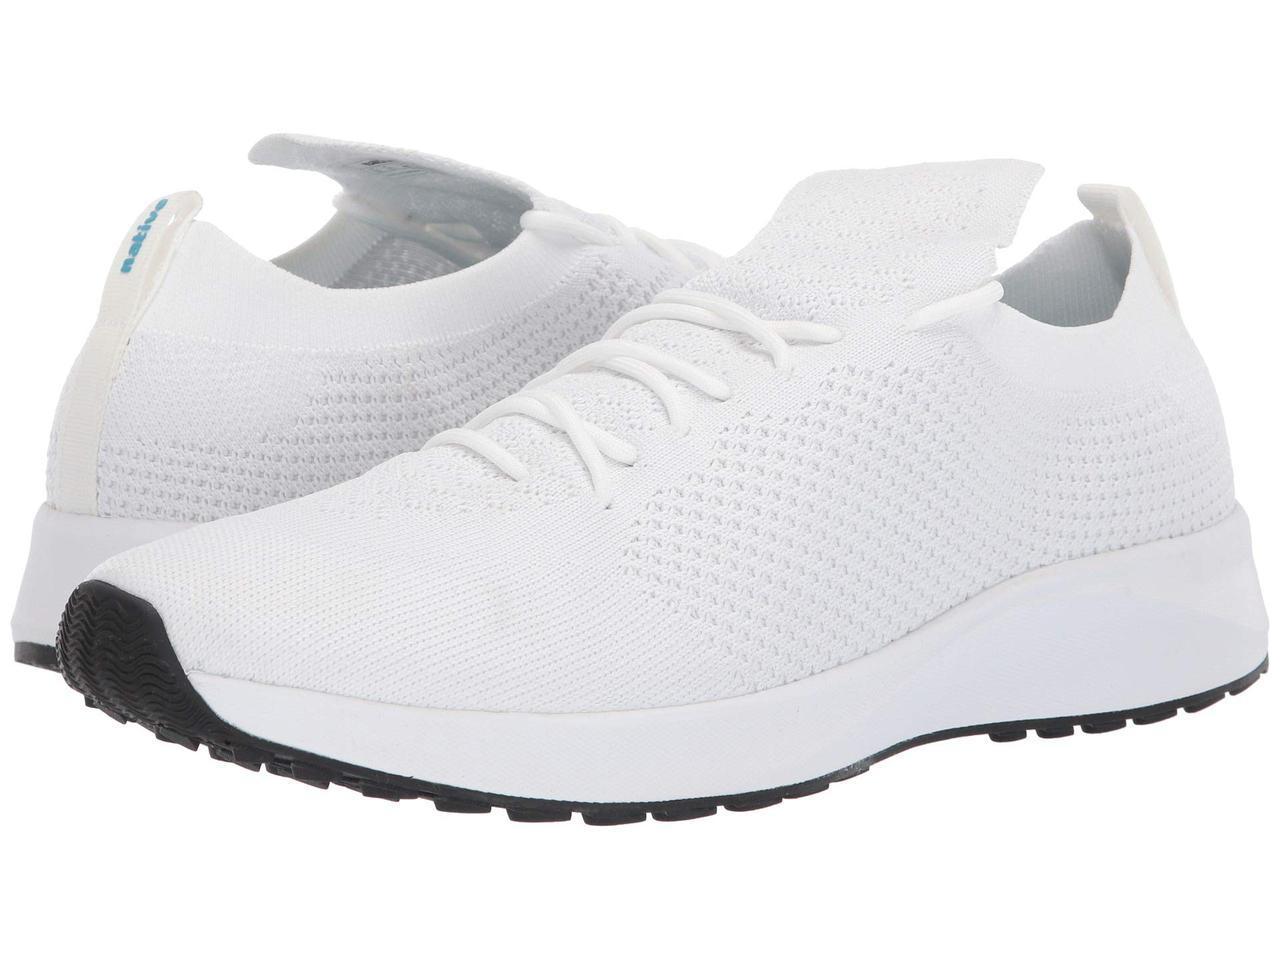 61f4abfd6c63 Кроссовки/Кеды (Оригинал) Native Shoes Mercury 2.0 Liteknit Shell  White/Shell White/Jiffy Rubber